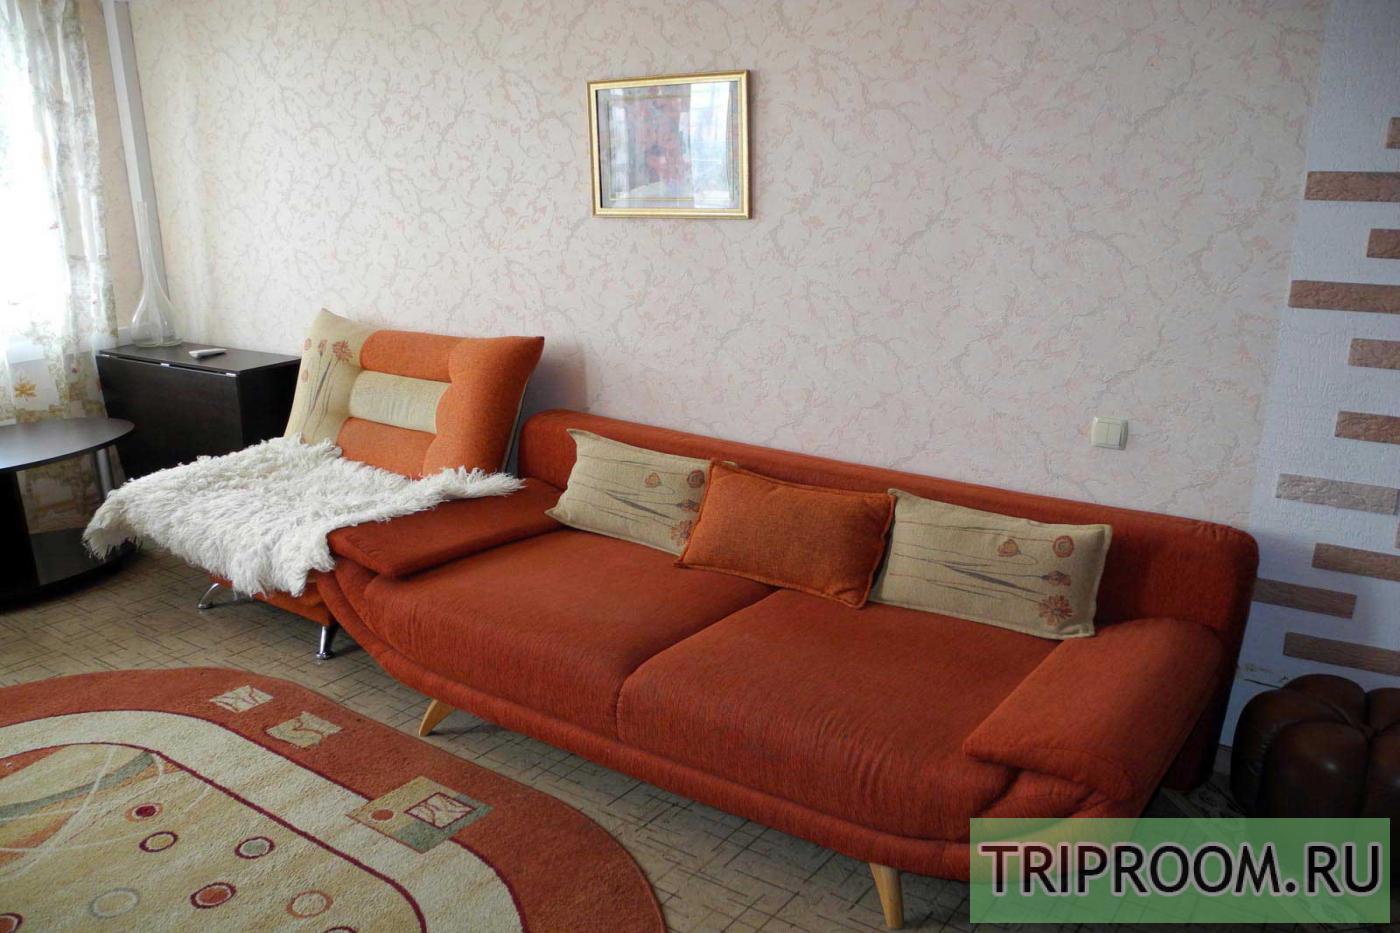 3-комнатная квартира посуточно (вариант № 9669), ул. Кольцовская улица, фото № 3